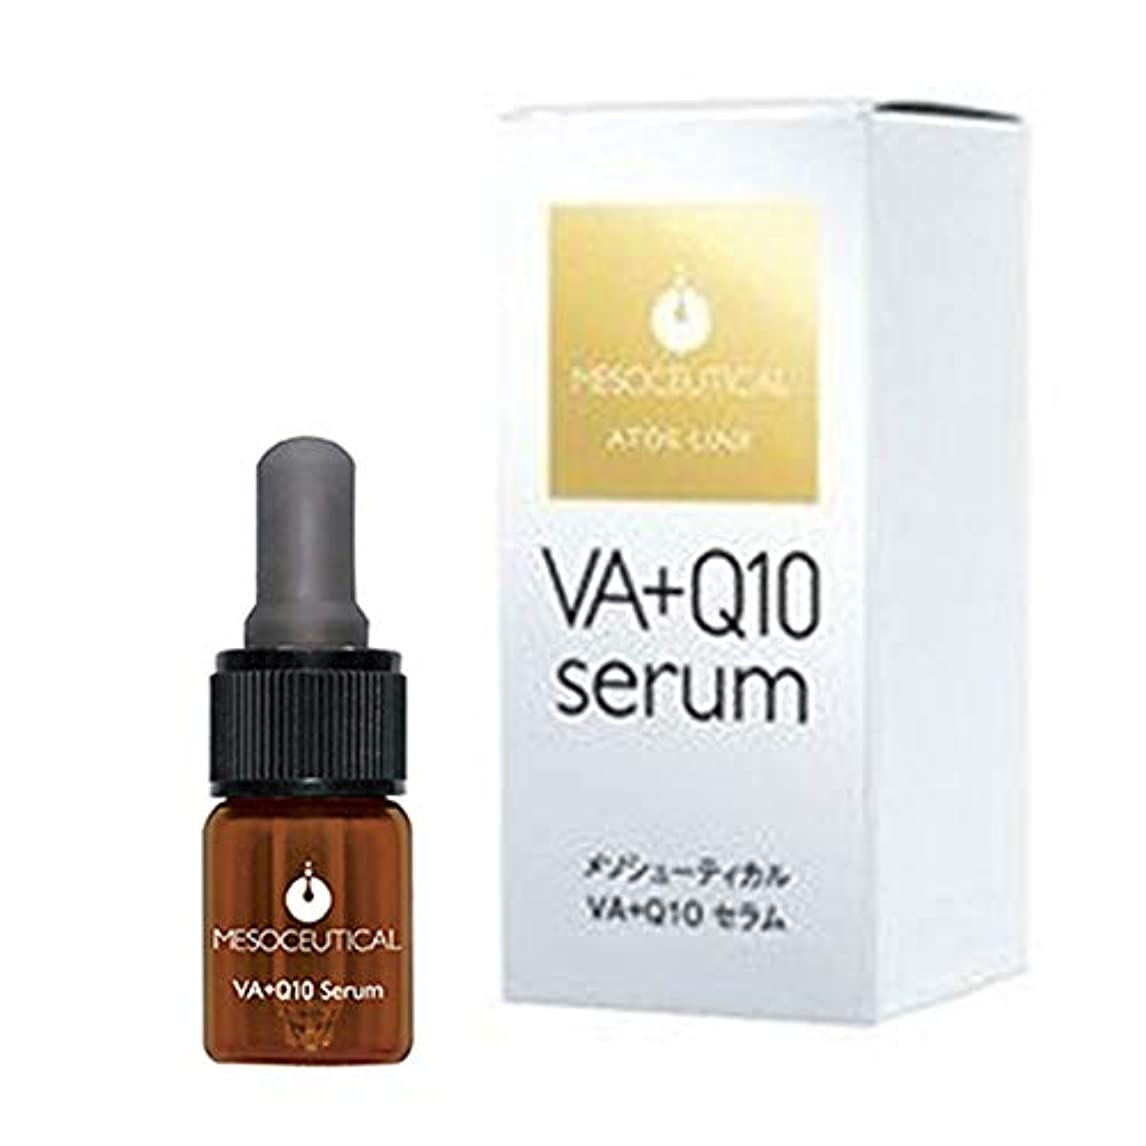 悲鳴エレクトロニックスーパーメソシューティカル VA+Q10 セラム 美容液1本 (10ml)